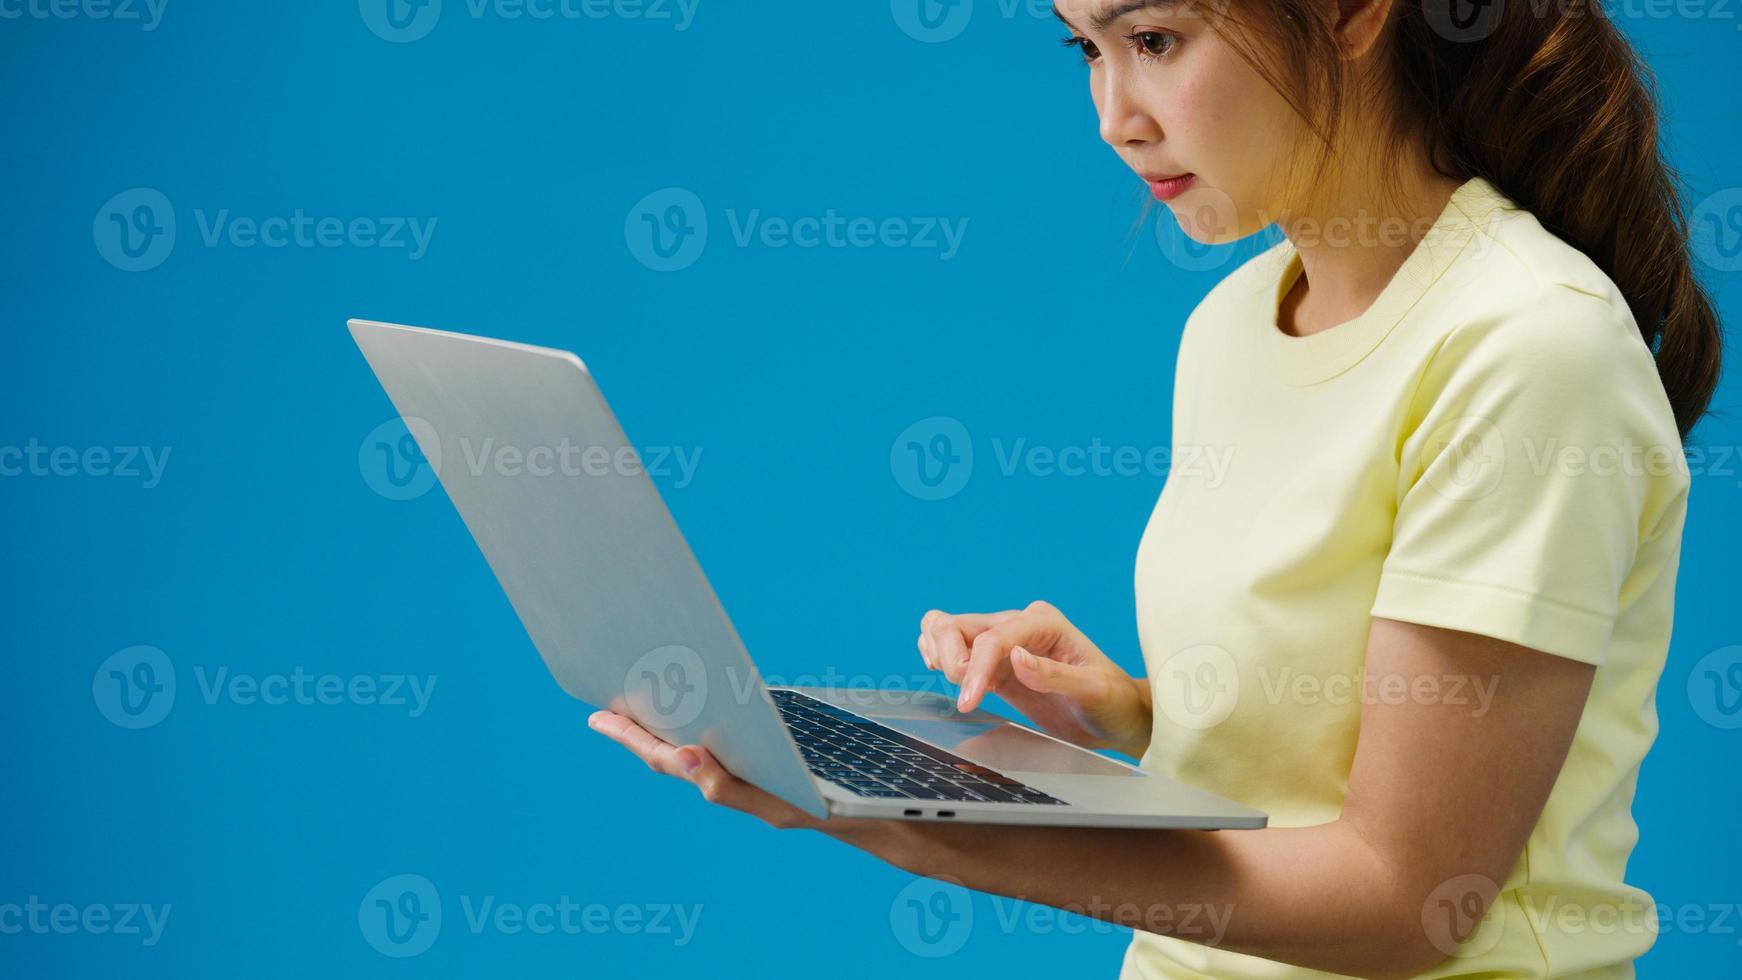 ung flicka som handlar online med bärbar dator och betalningsorder online isolerad över blå bakgrund. kopiera utrymme för att placera en text, meddelande för annons. reklamområde, mockup -reklaminnehåll. foto